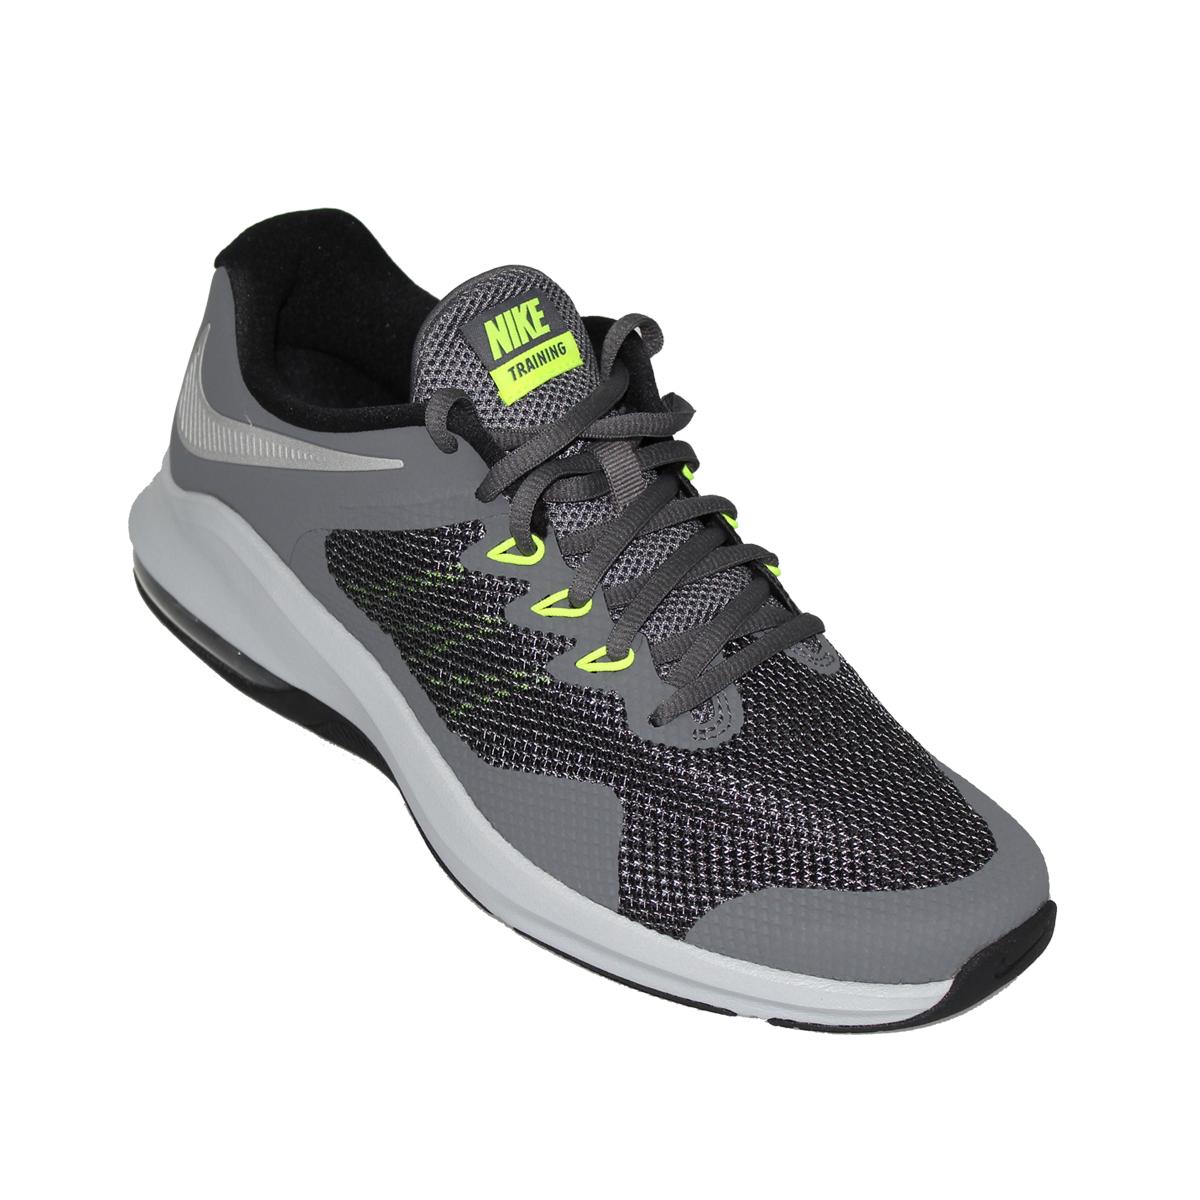 e458888905 Tenis Nike Air Max Alpha Trainer| Valuti Calçados